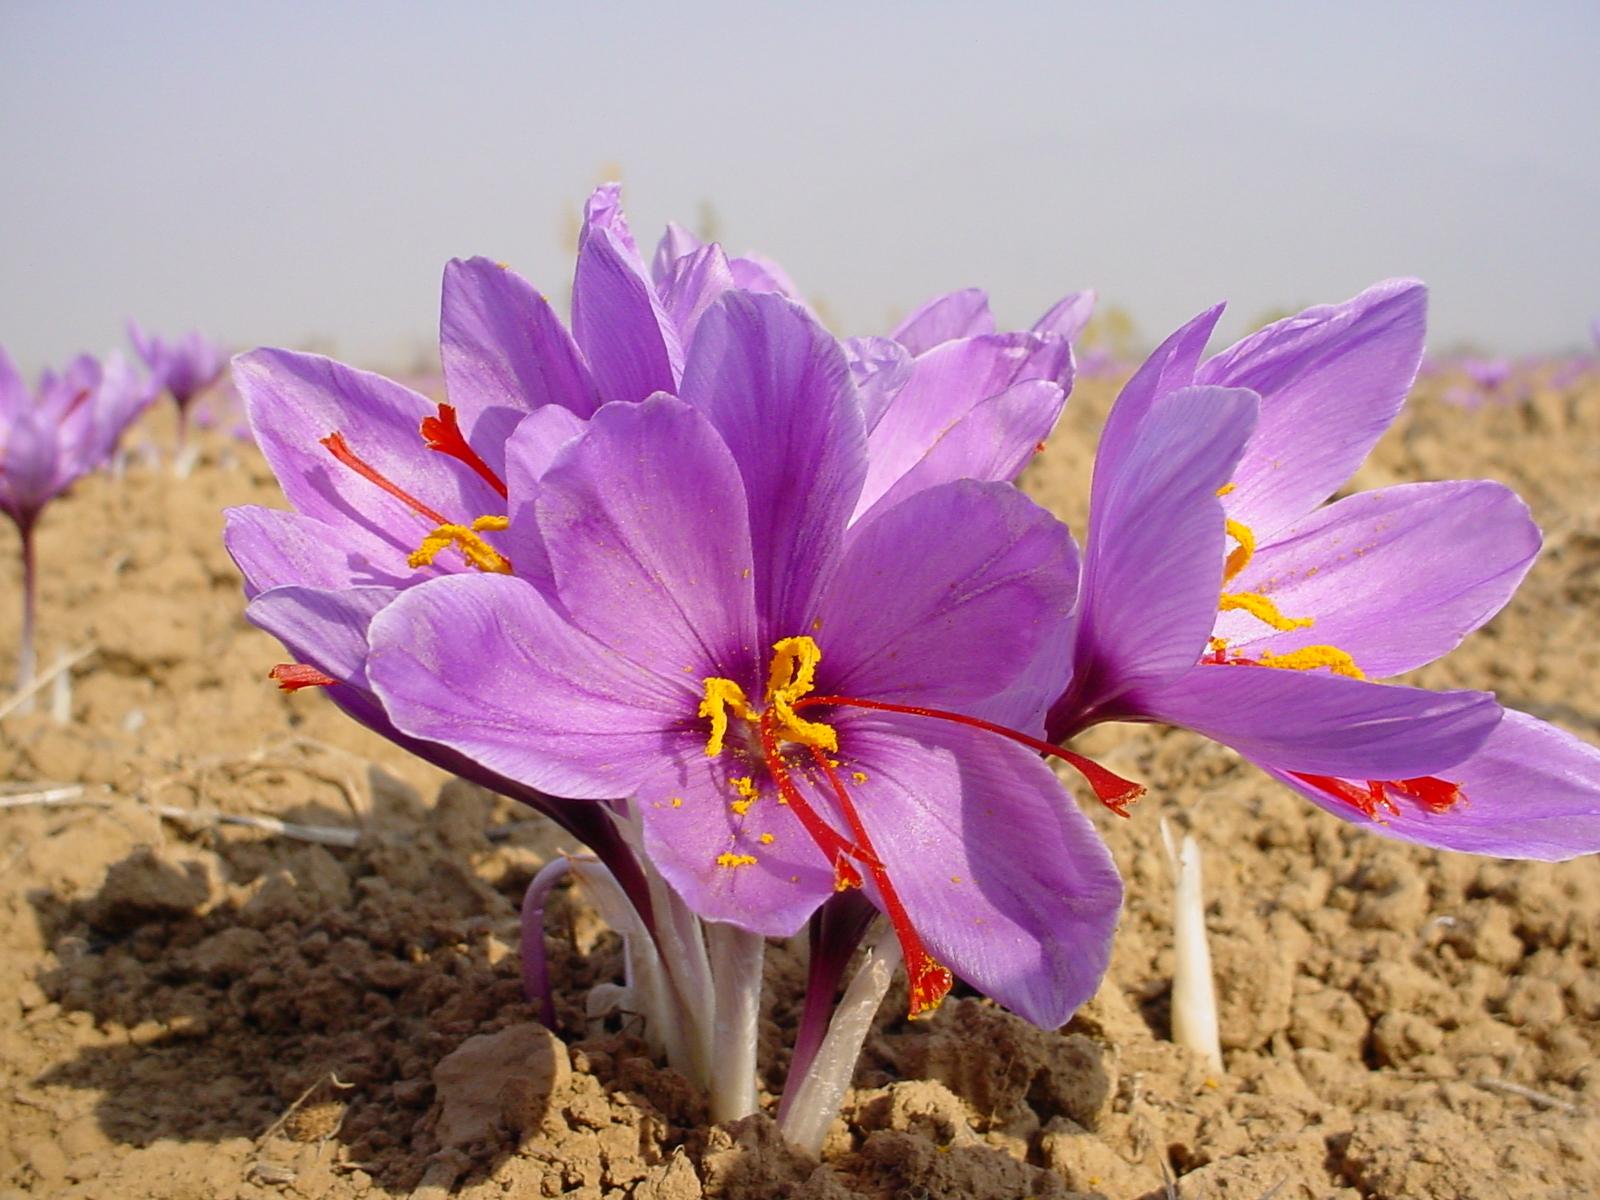 آغاز برداشت زعفران ازمزارع چهاردانگه /گزارش تصویری